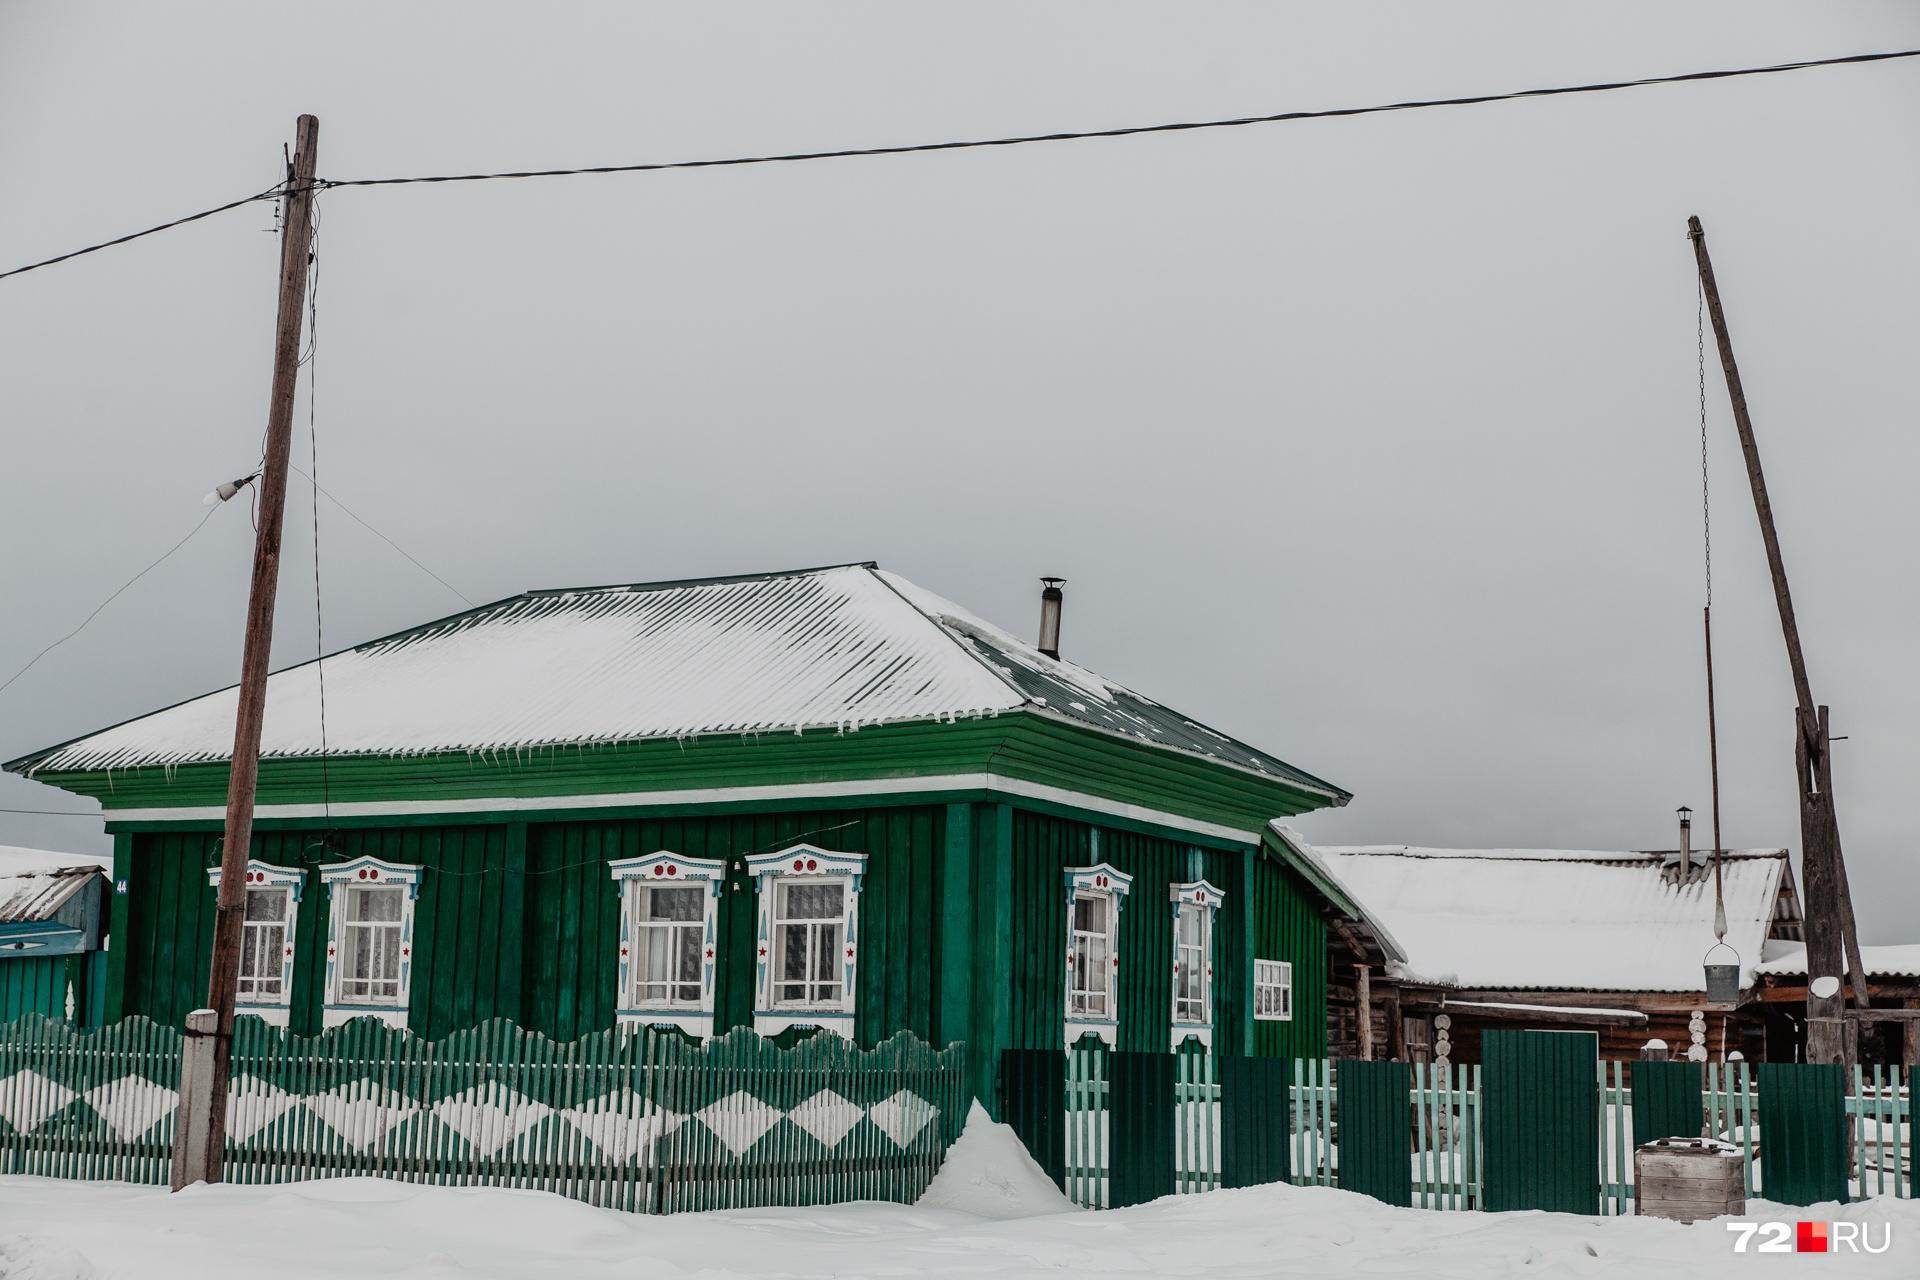 Так выглядит типичный дом в Кускургуле